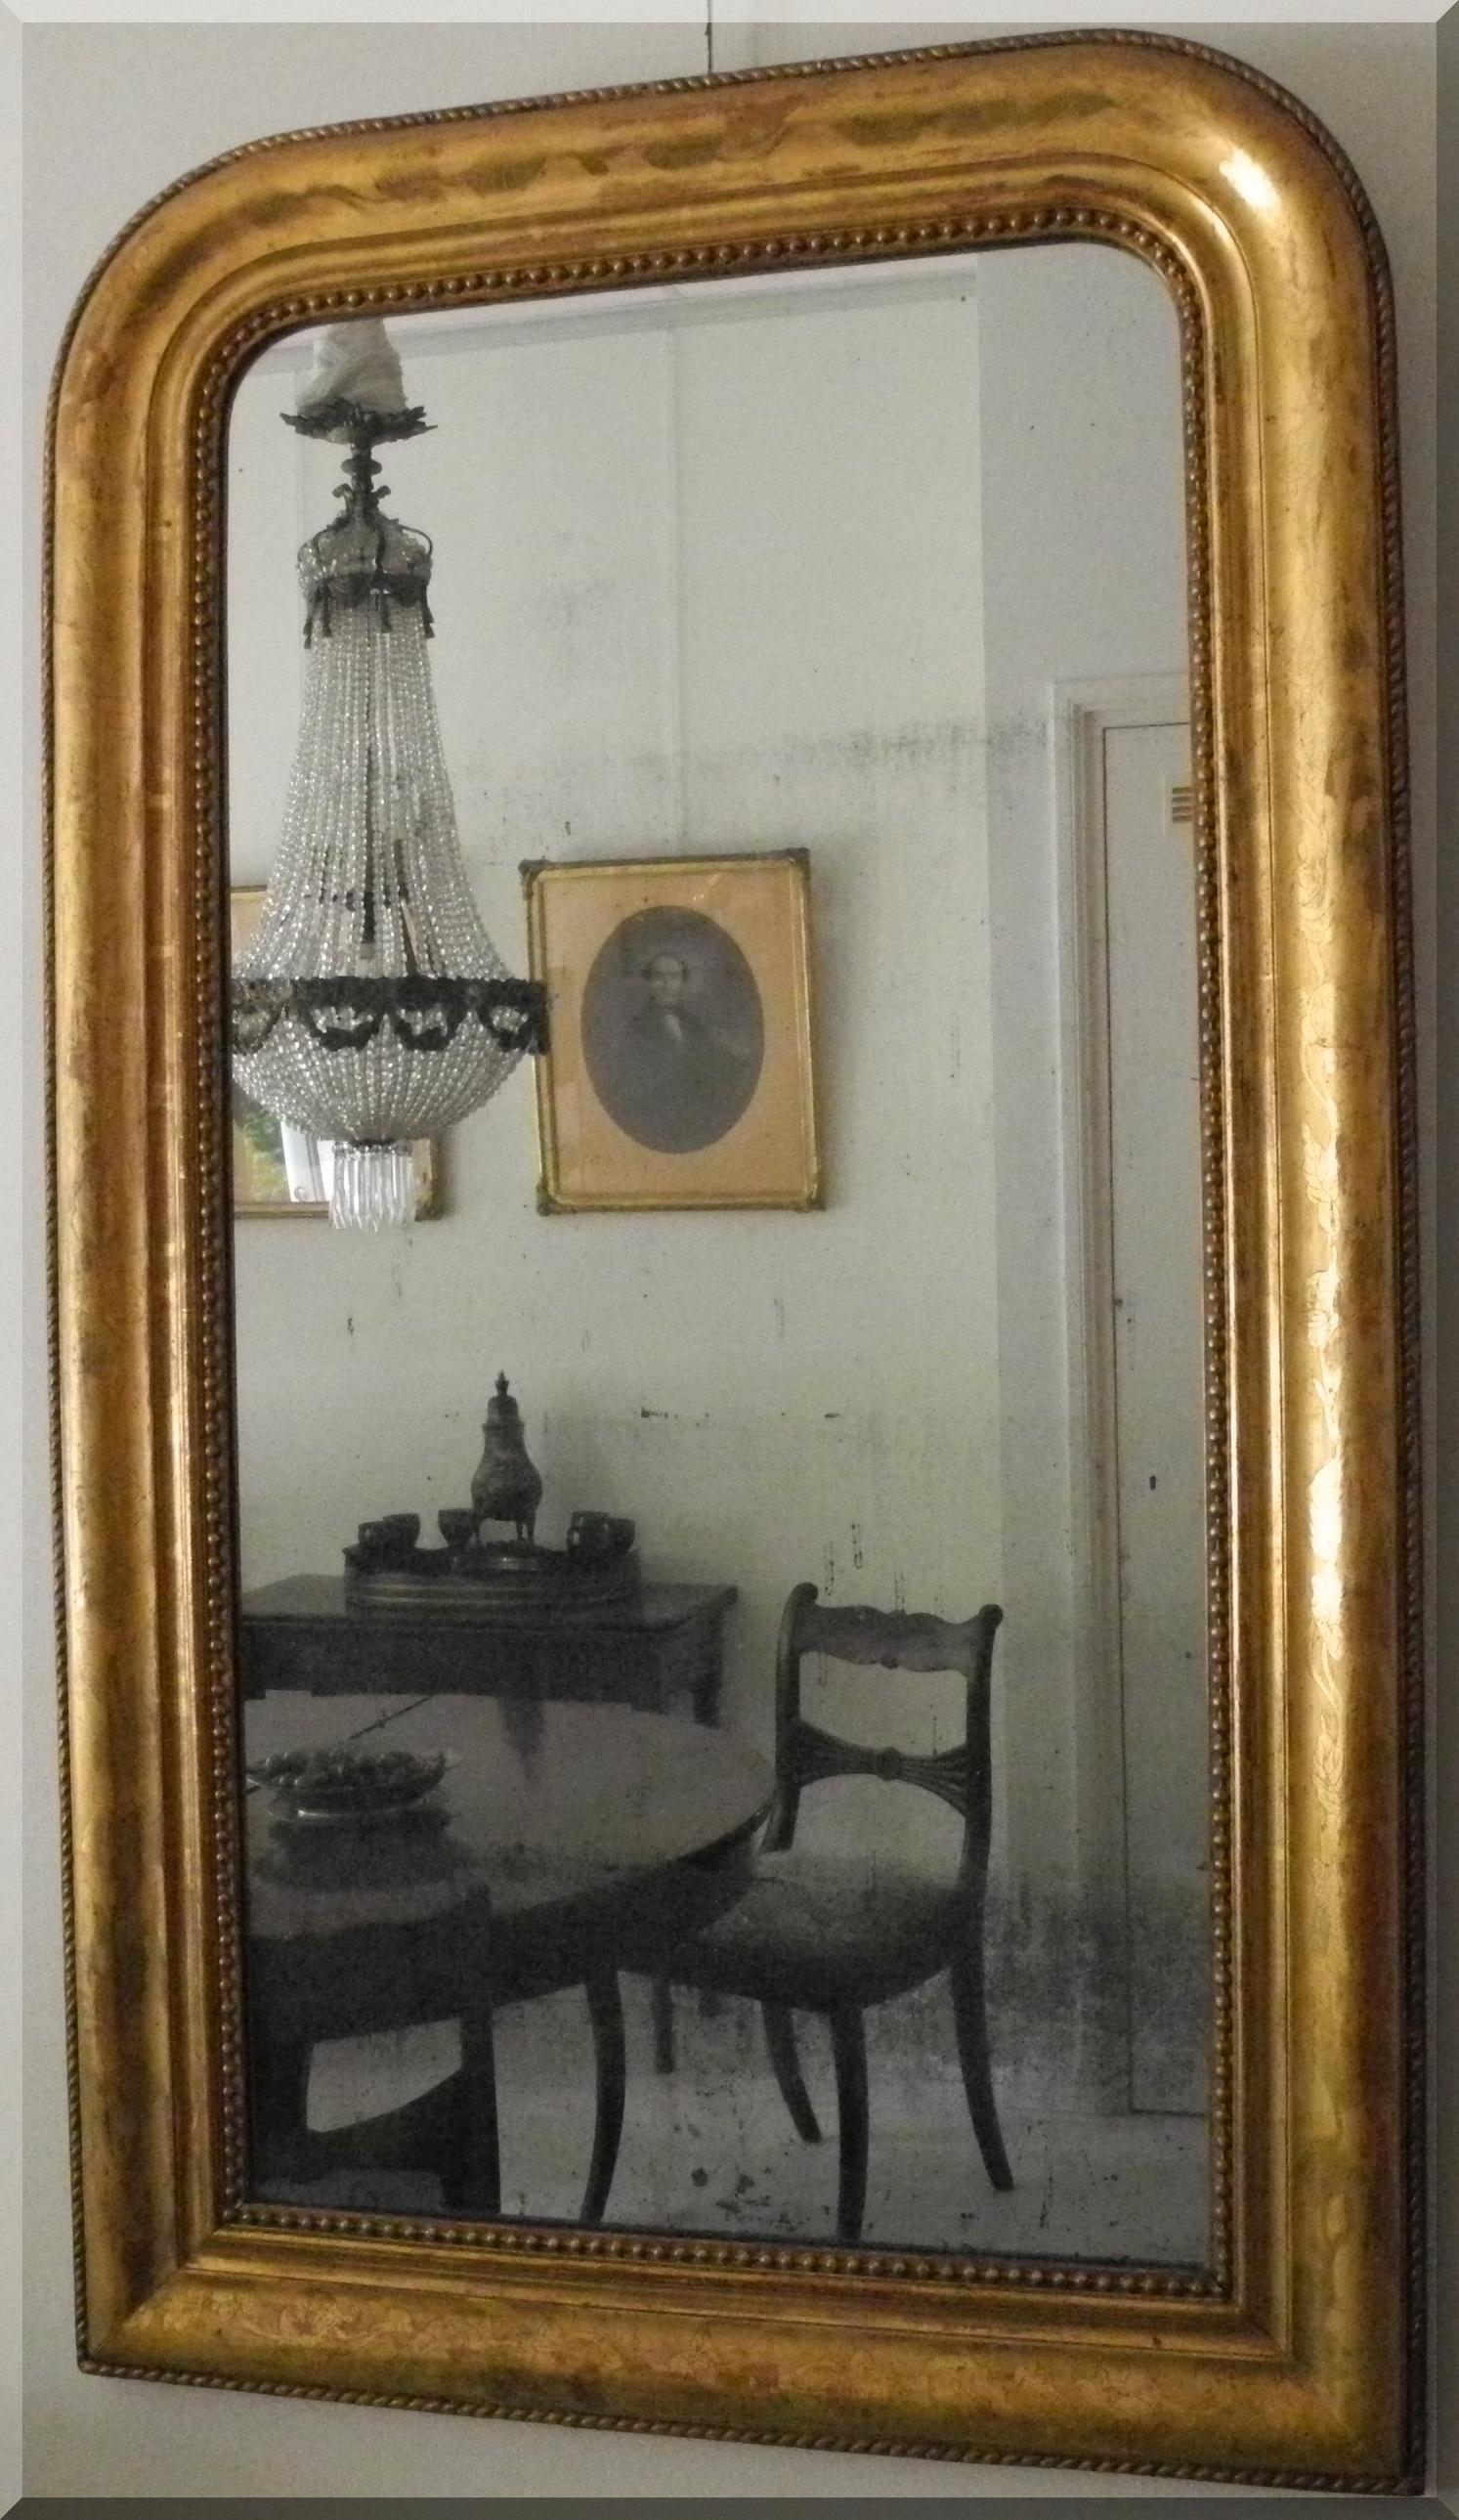 Antieke Spiegel Frans.Een Antieke Vergulden Spiegel Frans Ca 1860